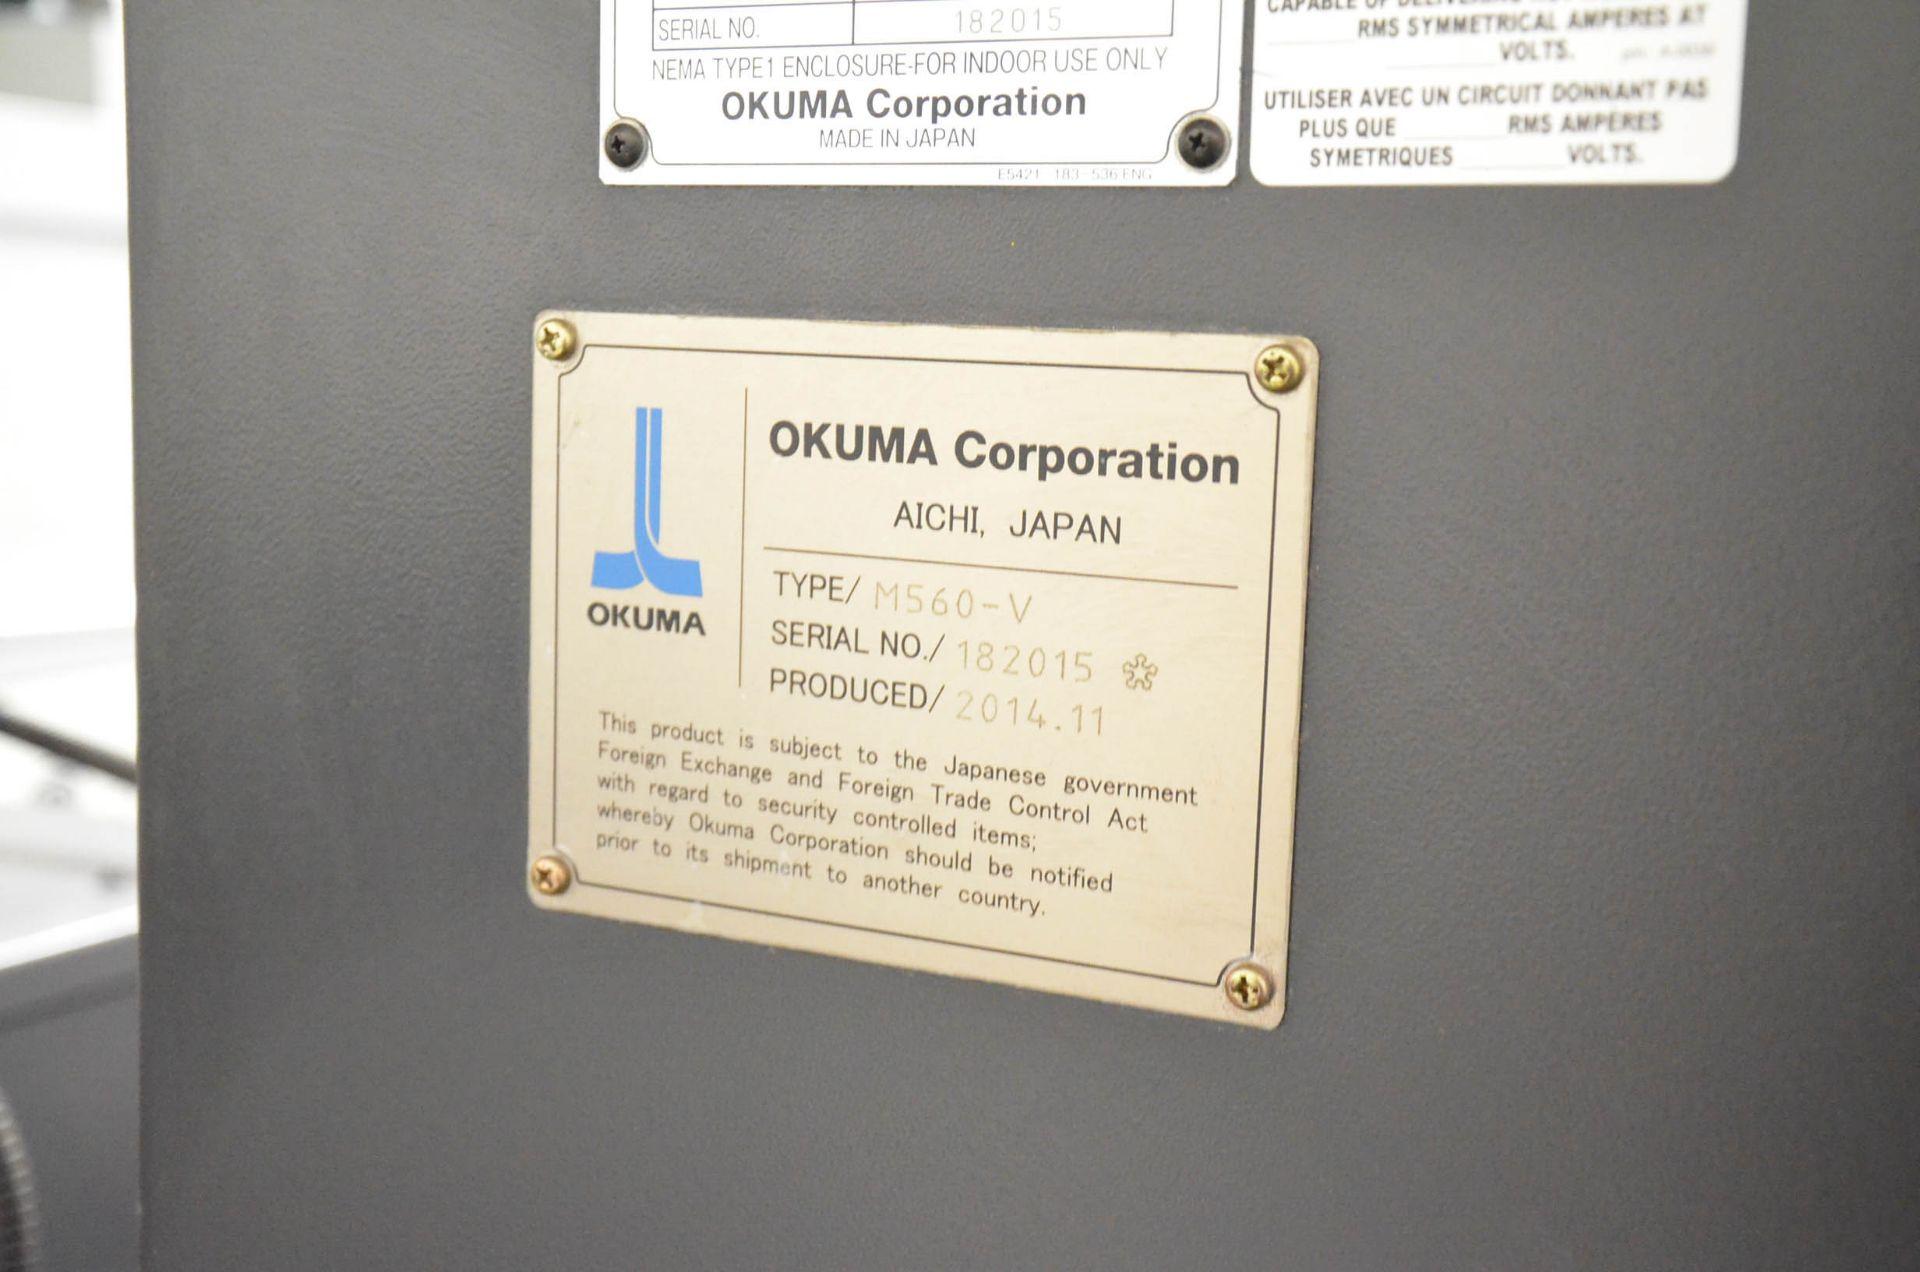 """OKUMA (DEC-2014) GENOS M560-V CNC VERTICAL MACHINING CENTER WITH OKUMA OSP-P300M CNC CONTROL, 22"""" - Image 12 of 12"""